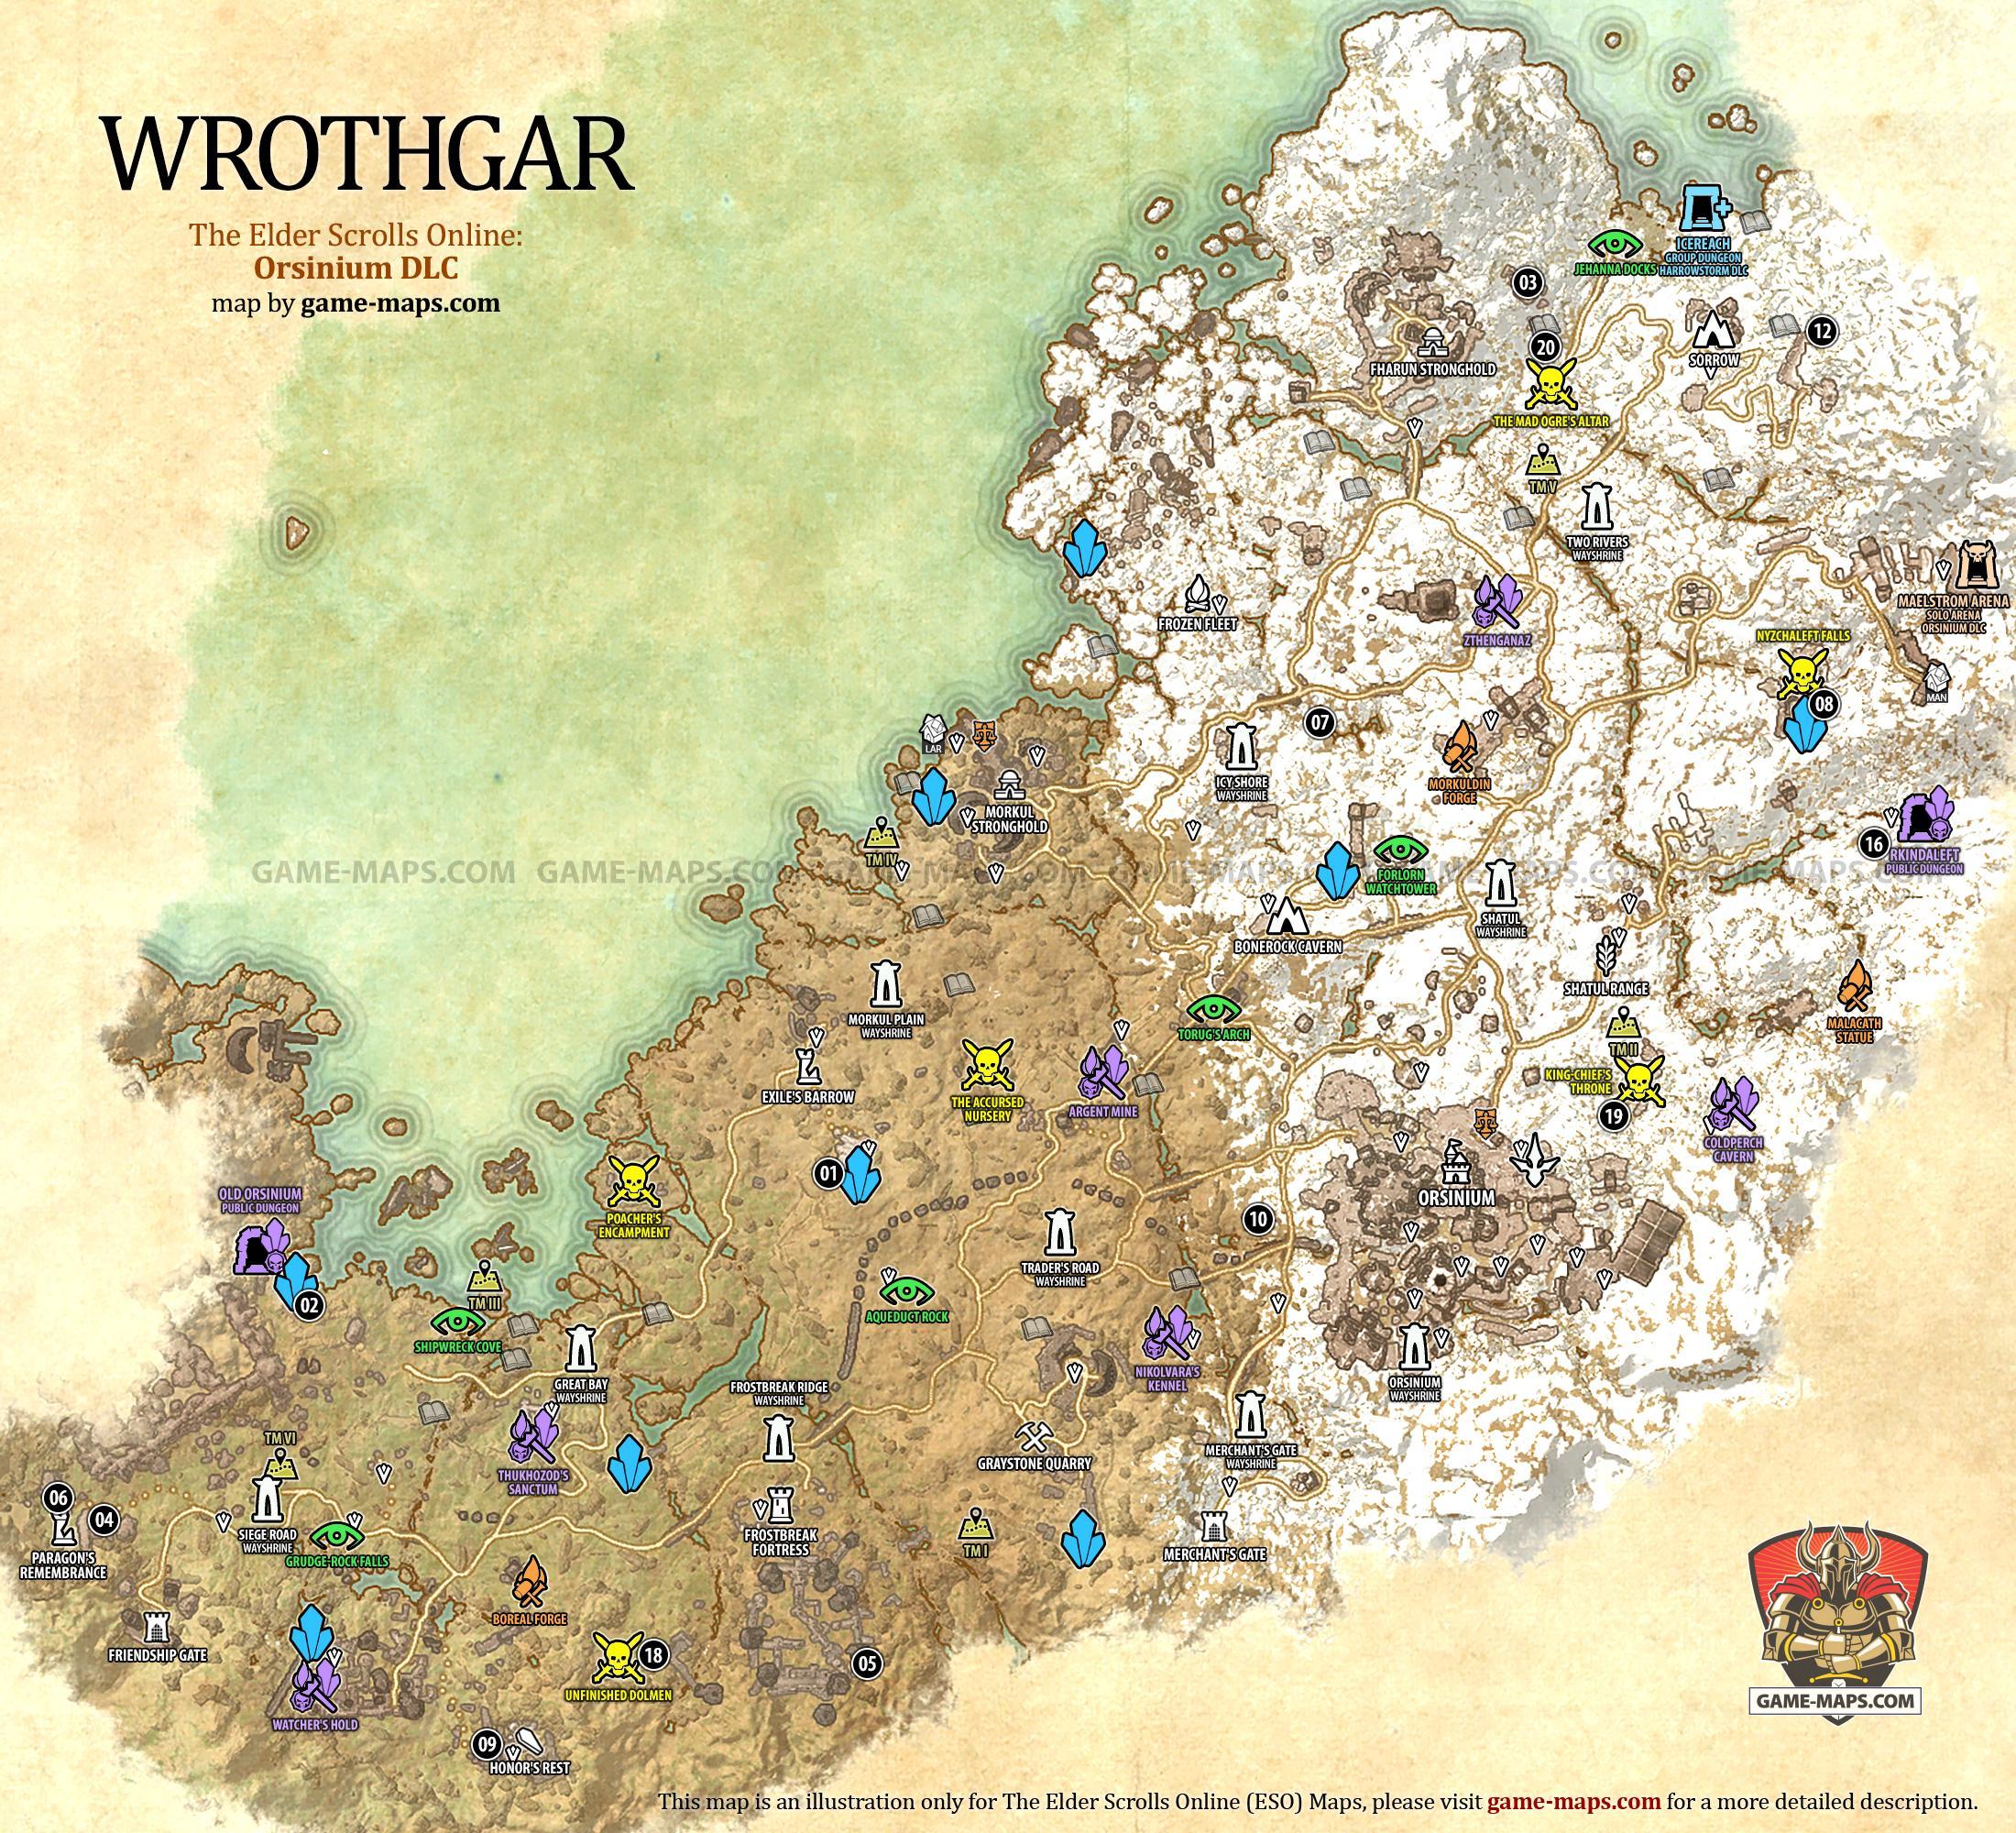 Wrothgar Map The Elder Scrolls Online game